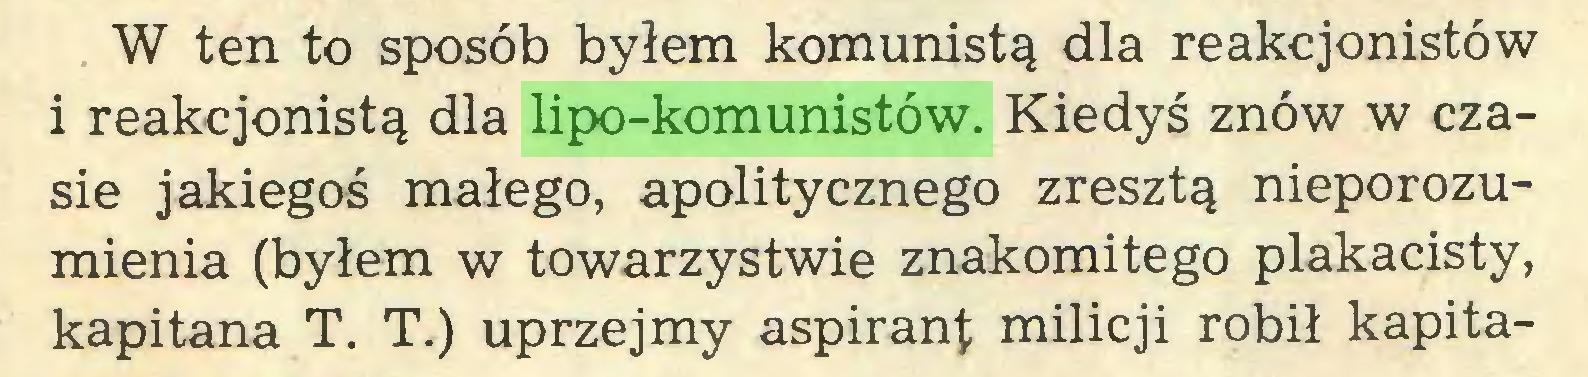 (...) W ten to sposób byłem komunistą dla reakcjonistów i reakcjonistą dla lipo-komunistów. Kiedyś znów w czasie jakiegoś małego, apolitycznego zresztą nieporozumienia (byłem w towarzystwie znakomitego plakacisty, kapitana T. T.) uprzejmy aspirant milicji robił kapita...